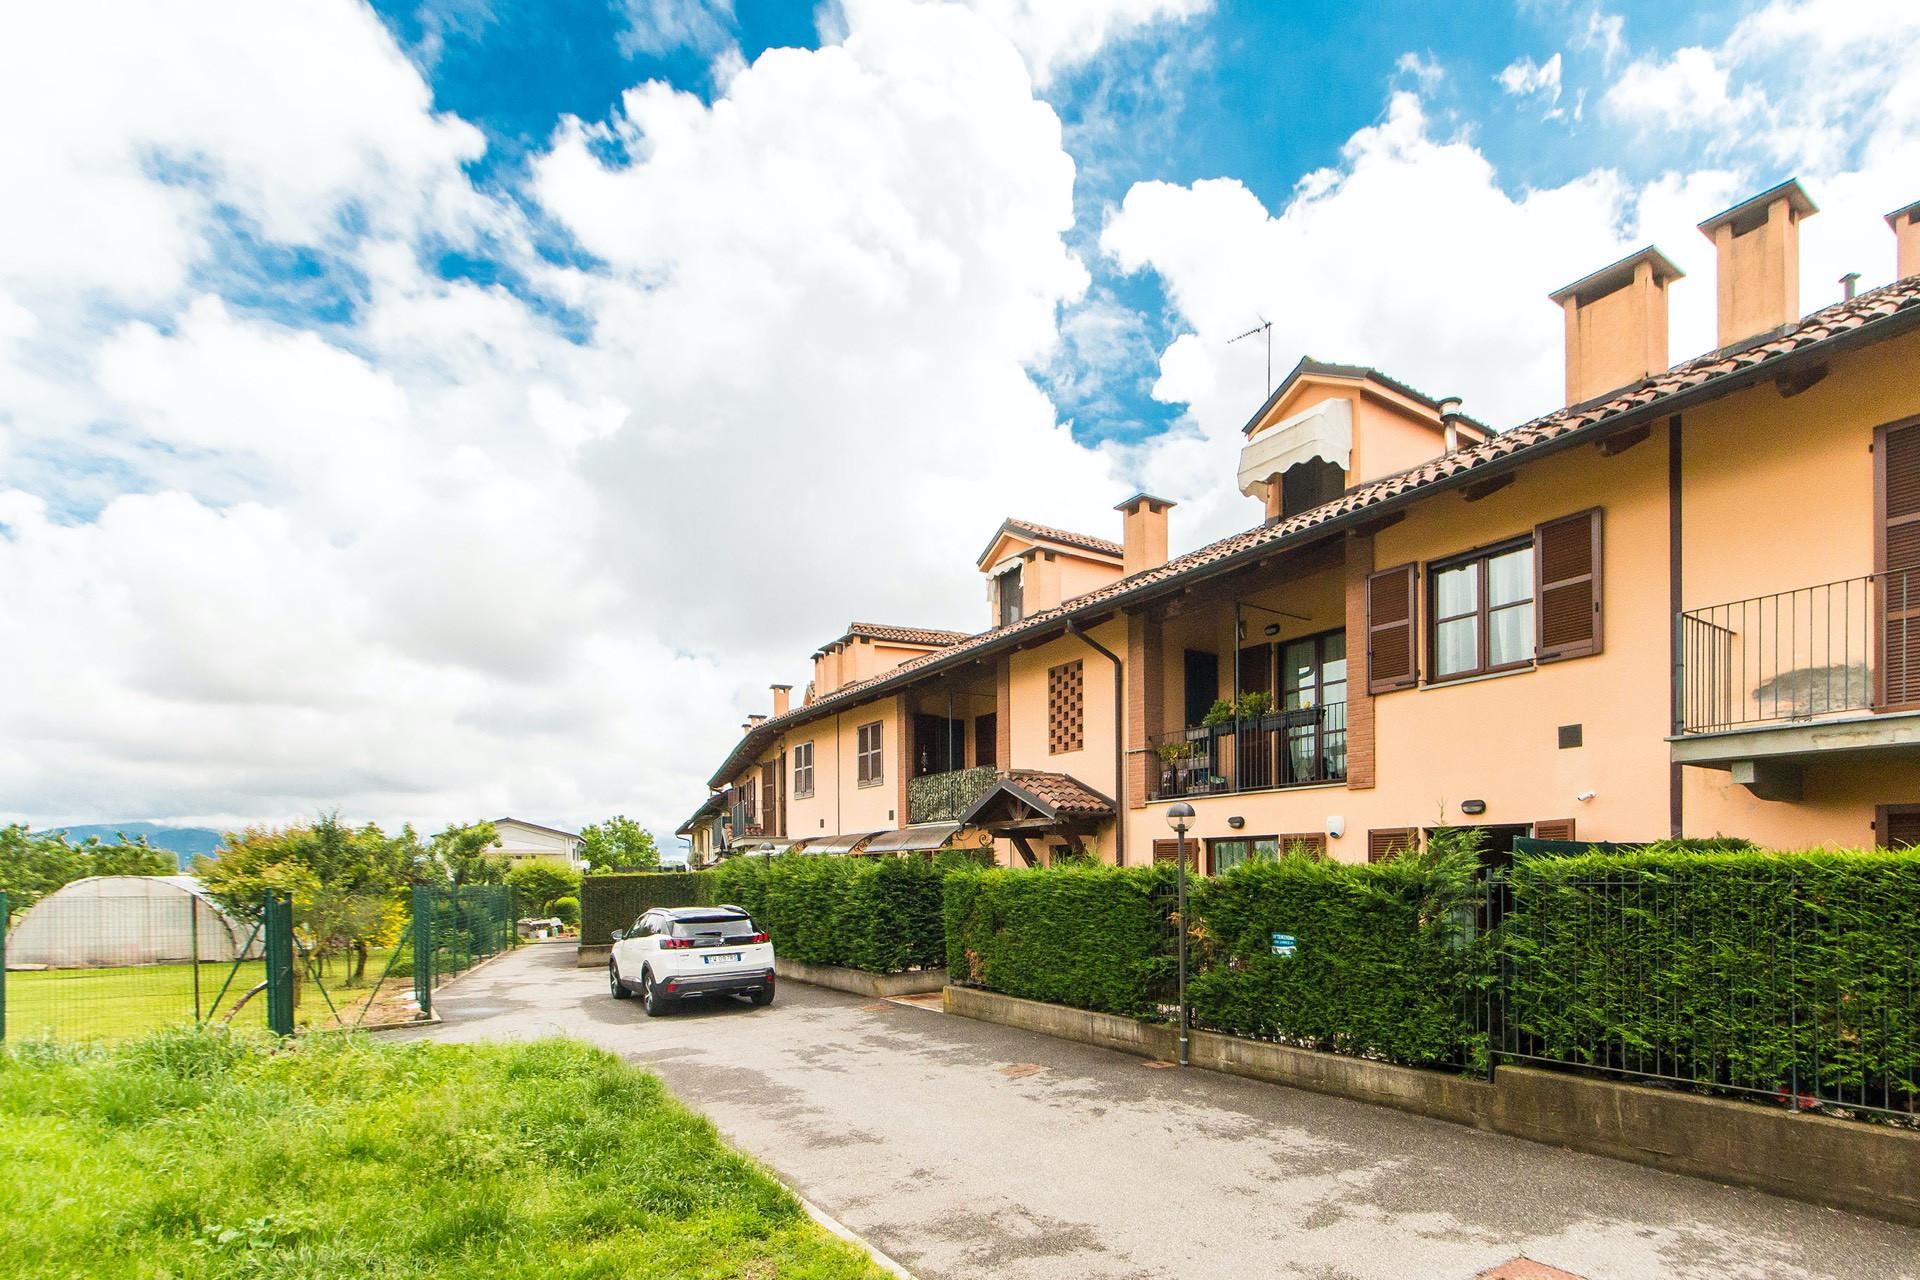 Appartamento in vendita a Vinovo, 6 locali, zona ette, prezzo € 250.000 | PortaleAgenzieImmobiliari.it